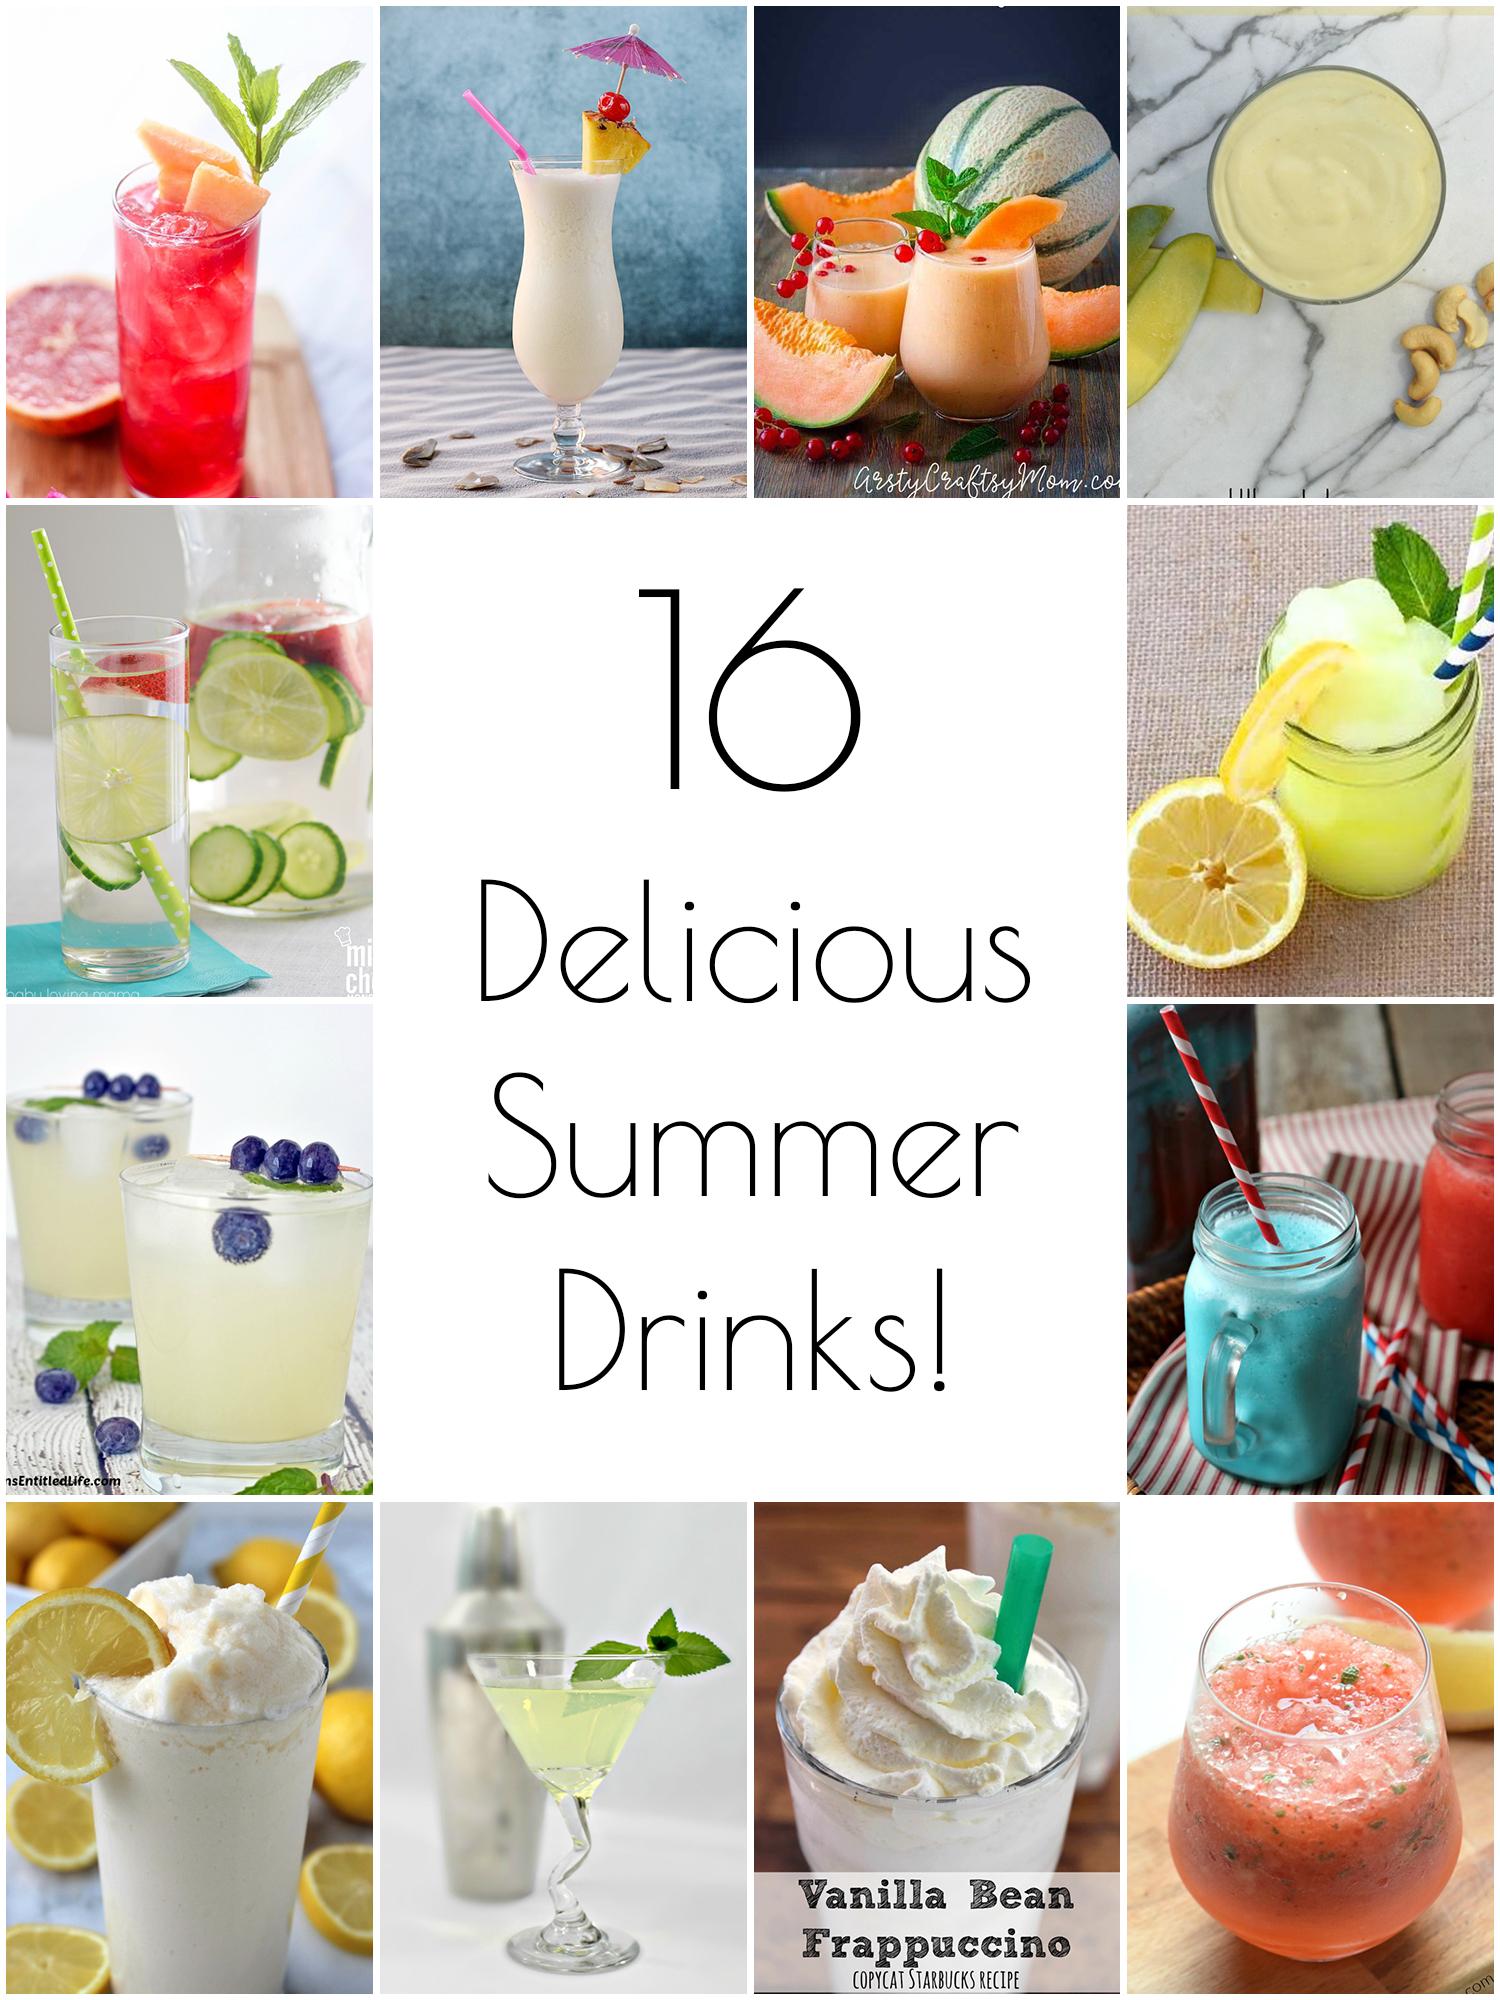 16 delicious summer drink recipes